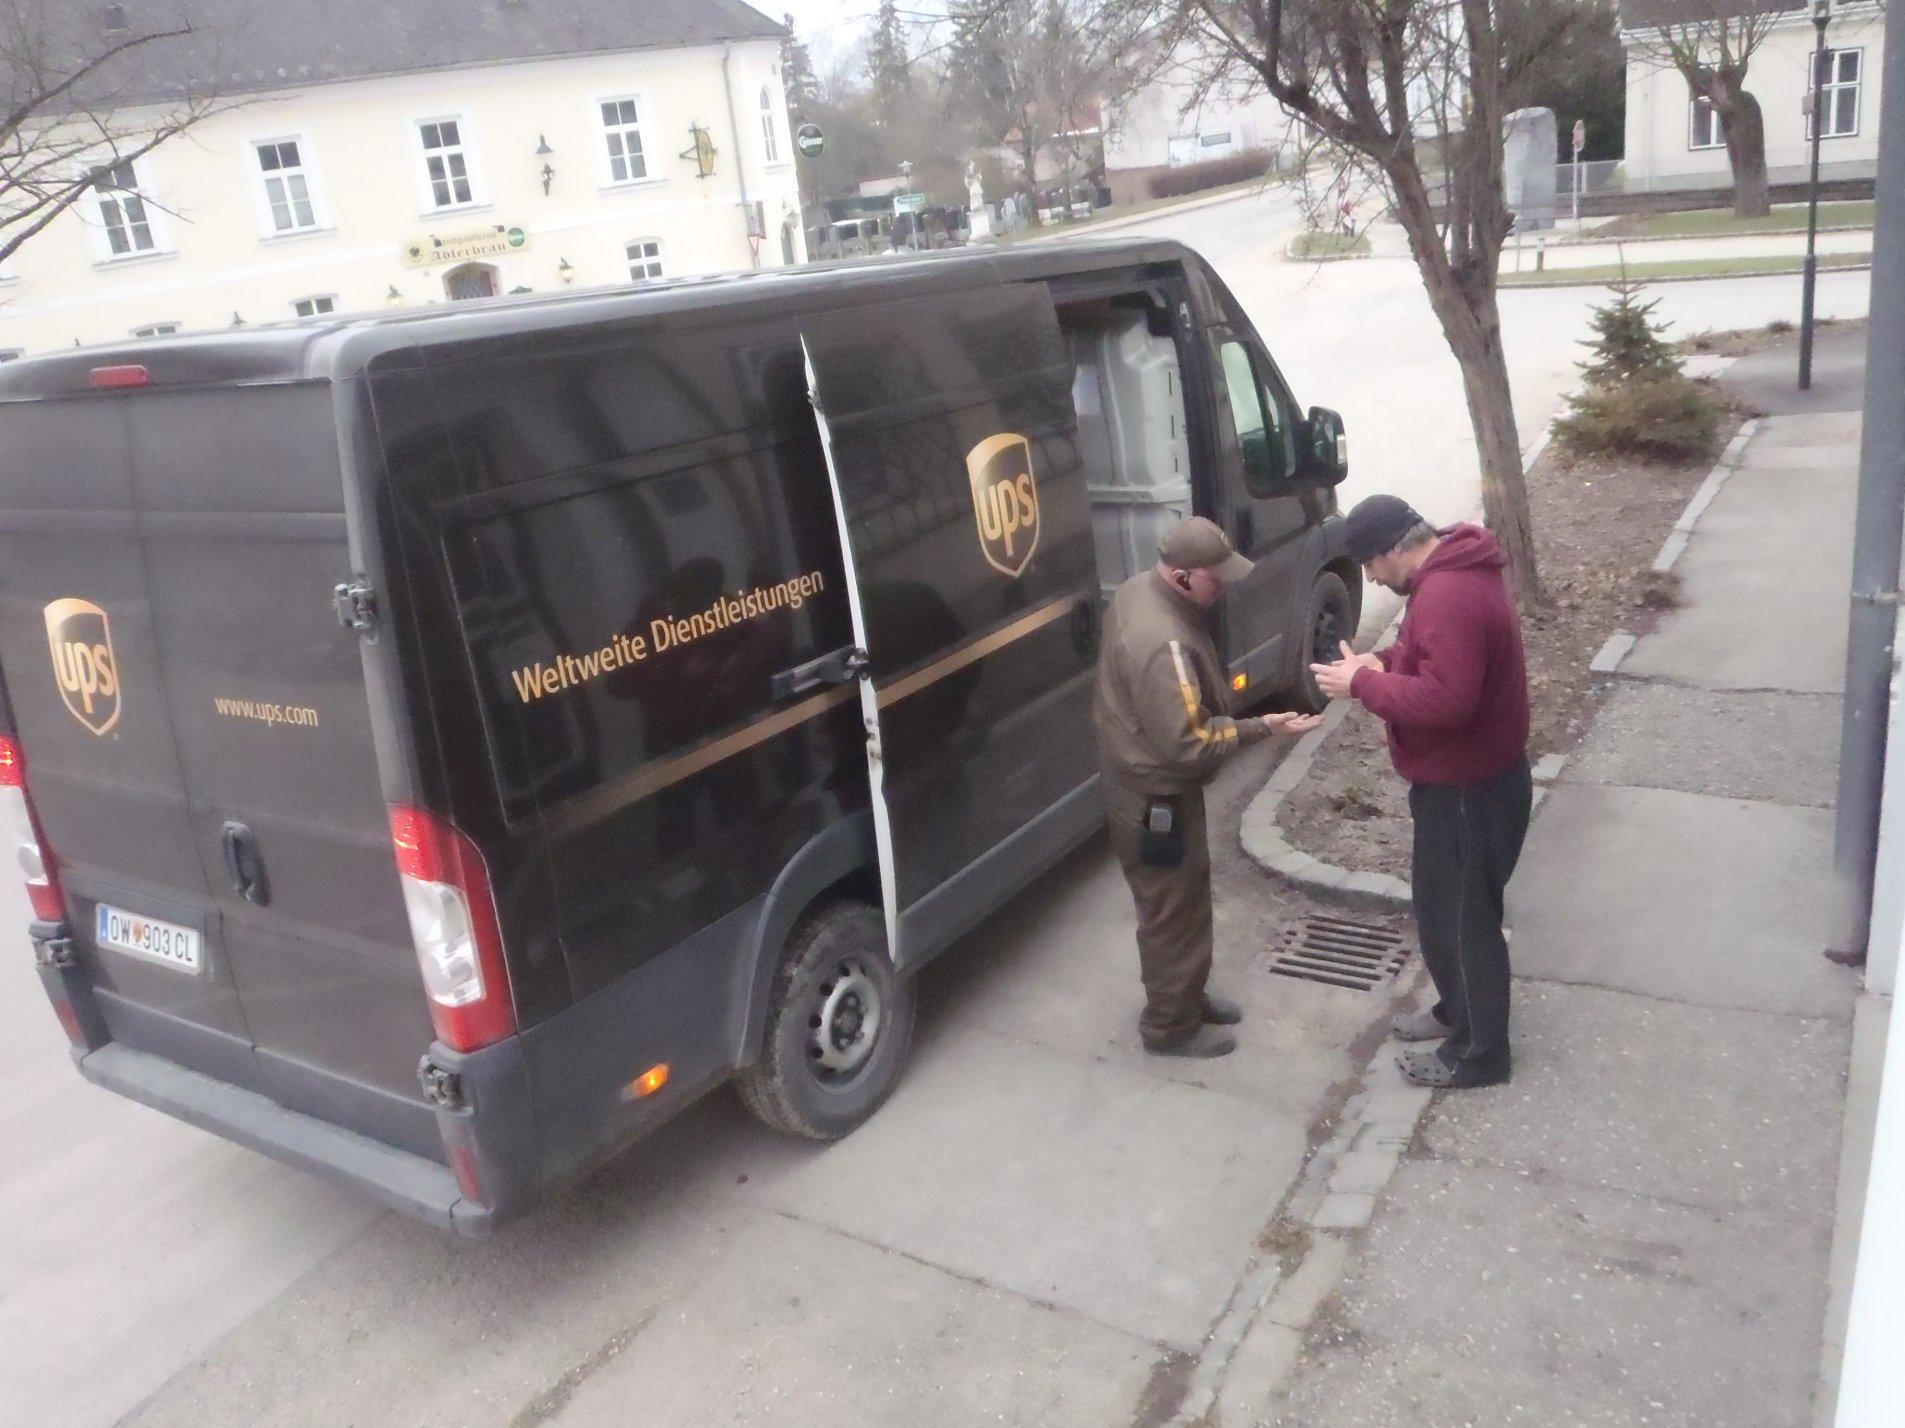 UPS liefert weltweit bis zur Haustüre innerhalb kürzester Zeit. Auch von South Carolina nach Ernstbrunn